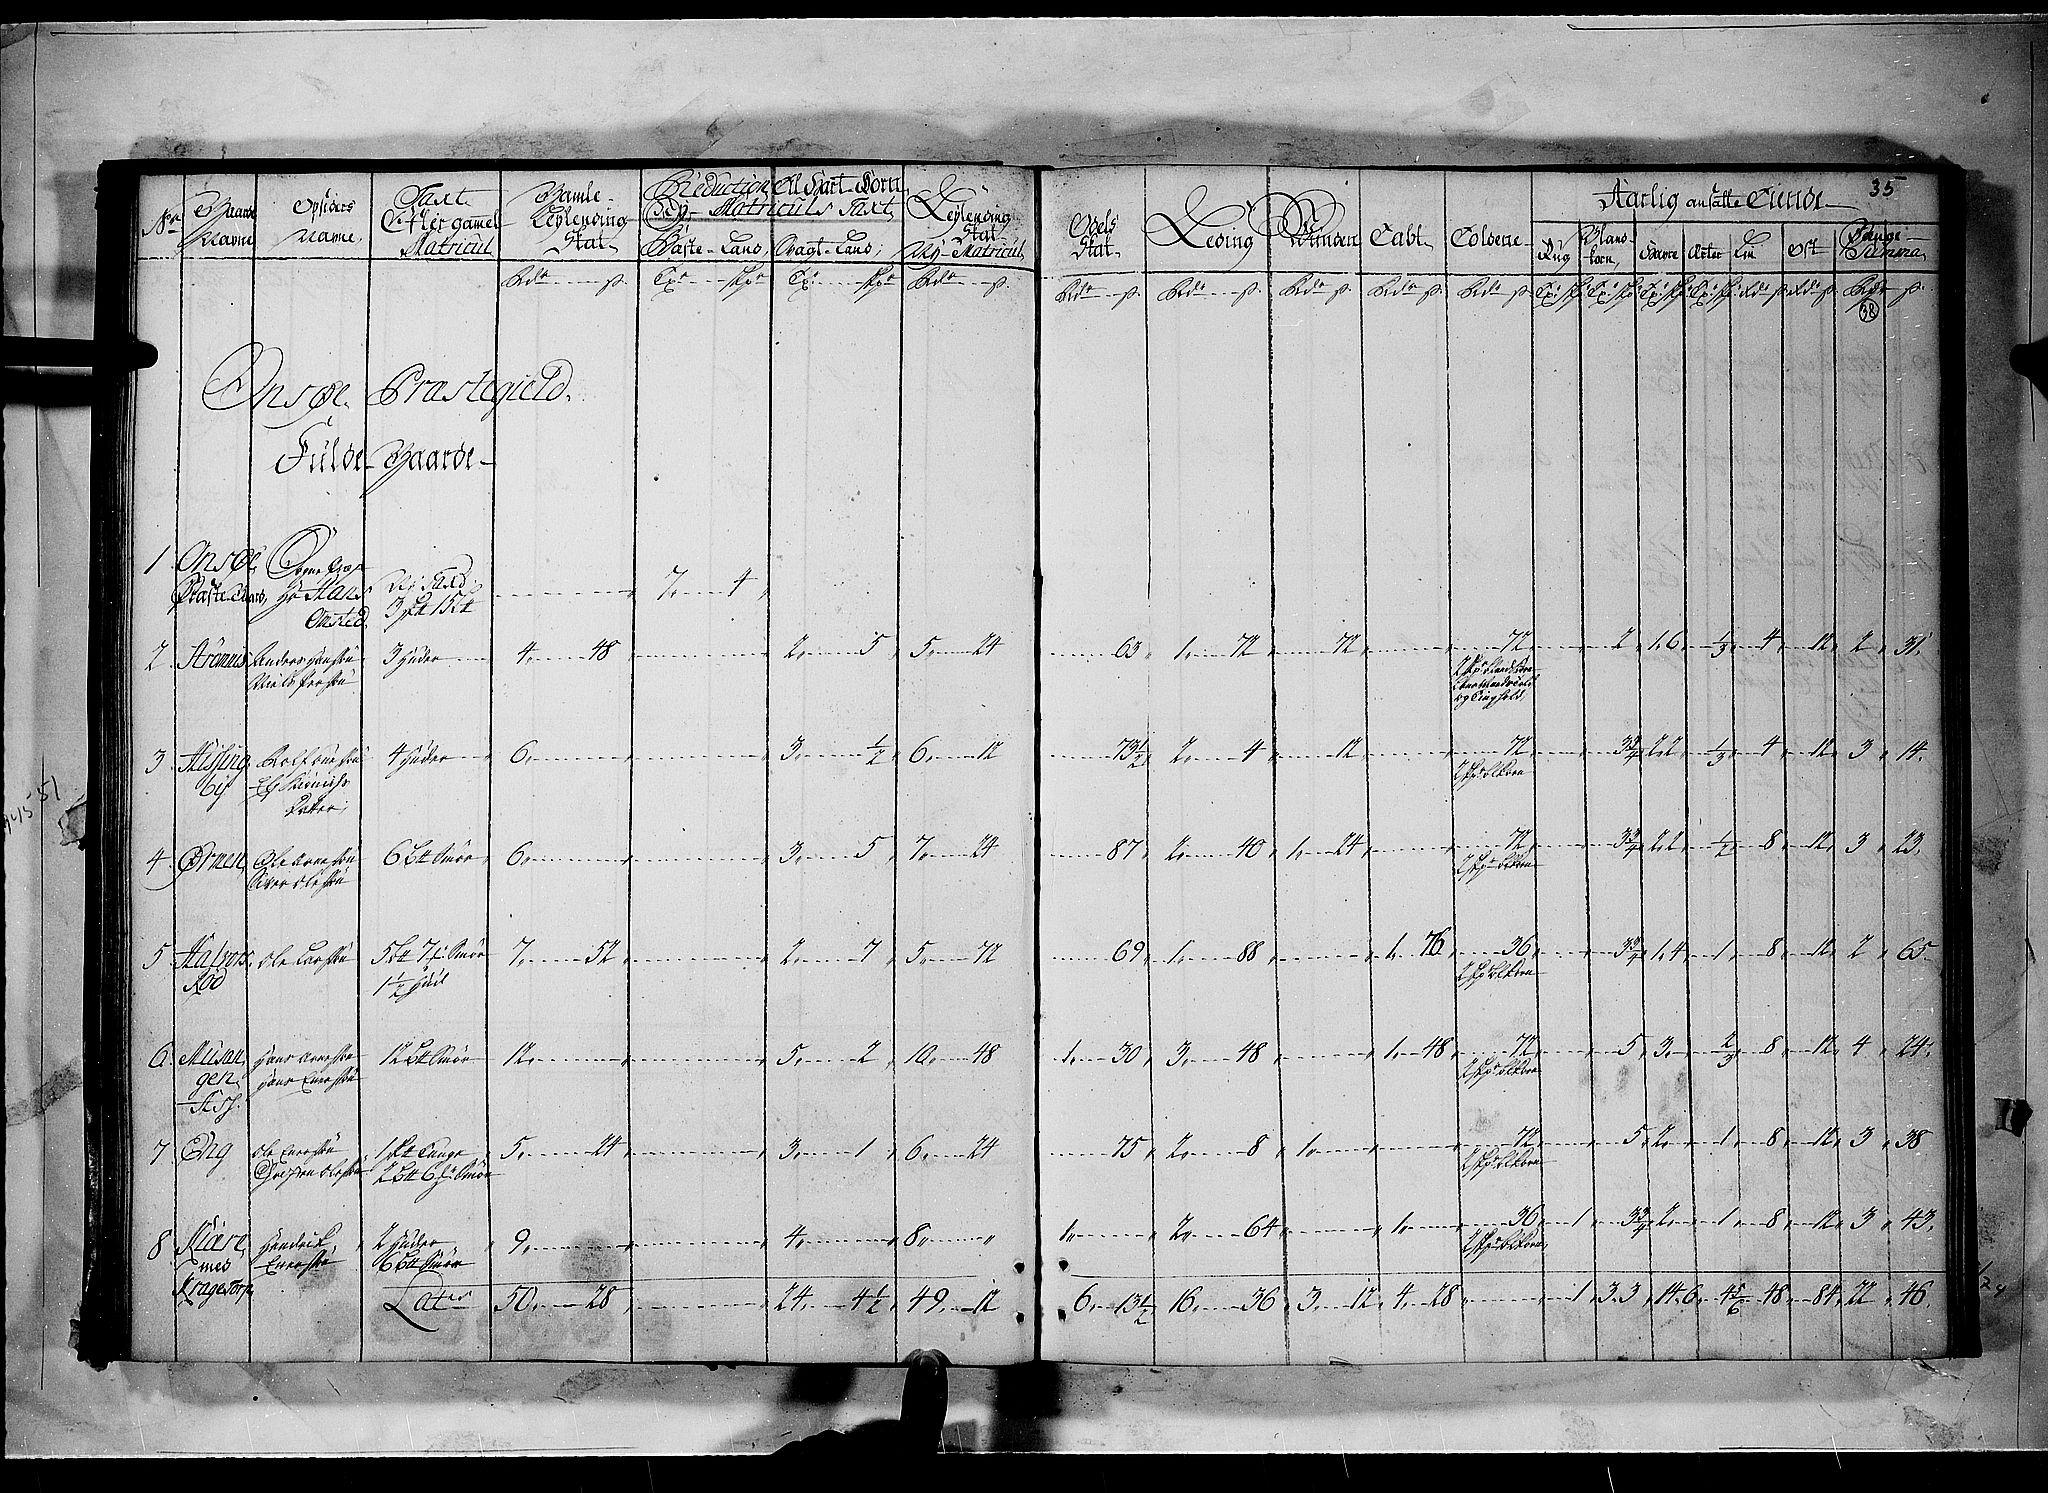 RA, Rentekammeret inntil 1814, Realistisk ordnet avdeling, N/Nb/Nbf/L0096: Moss, Onsøy, Tune og Veme matrikkelprotokoll, 1723, s. 34b-35a